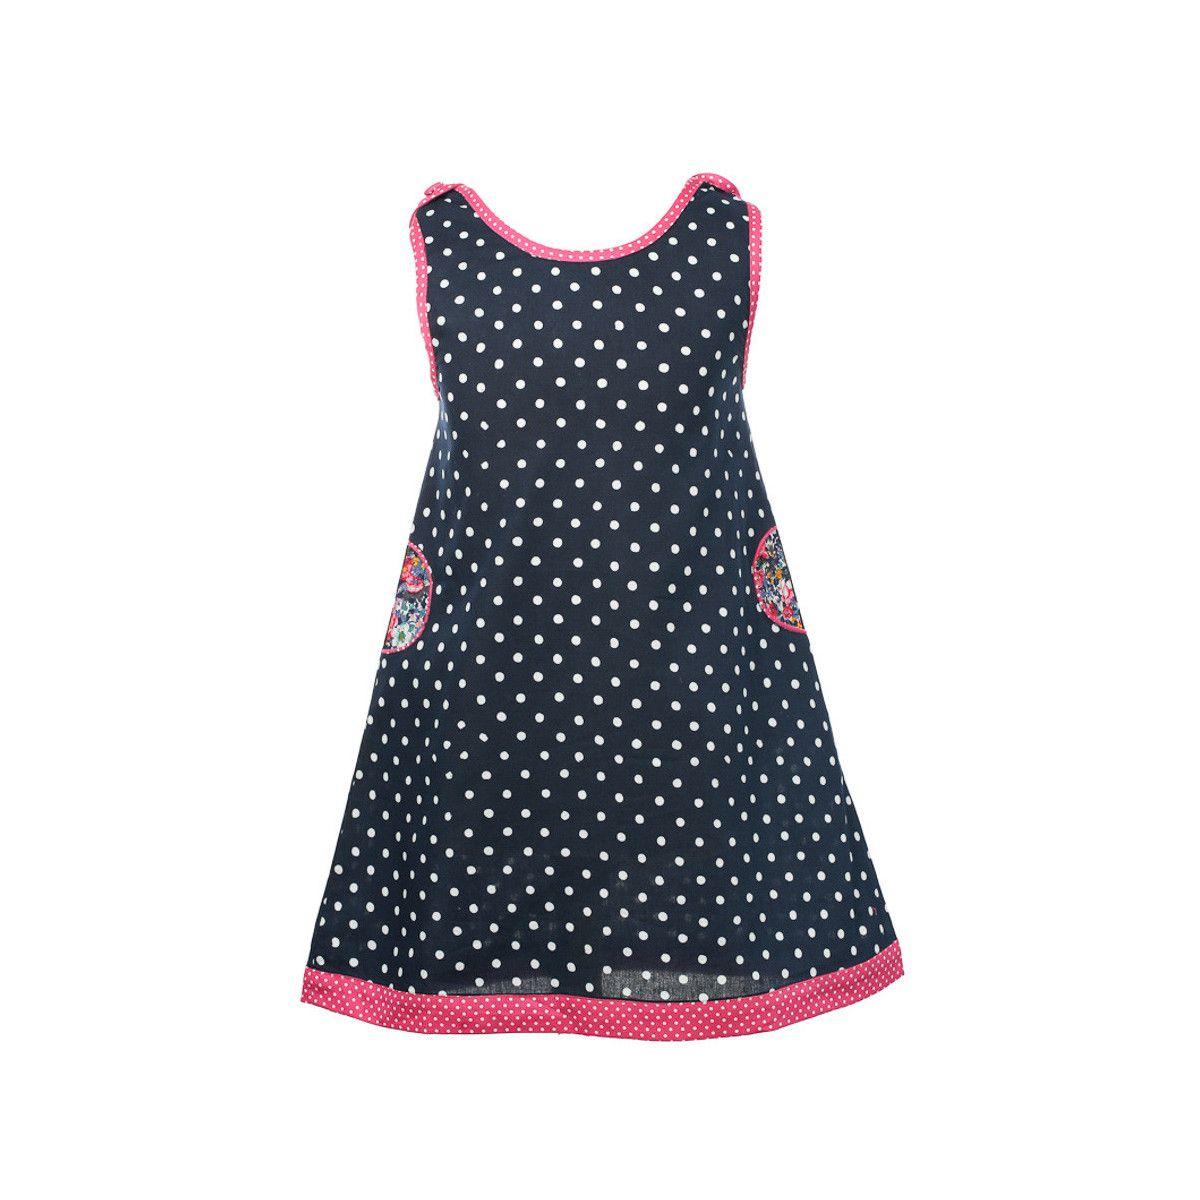 Robe sans manches coton fille 2-10 ans rose et noire à pois